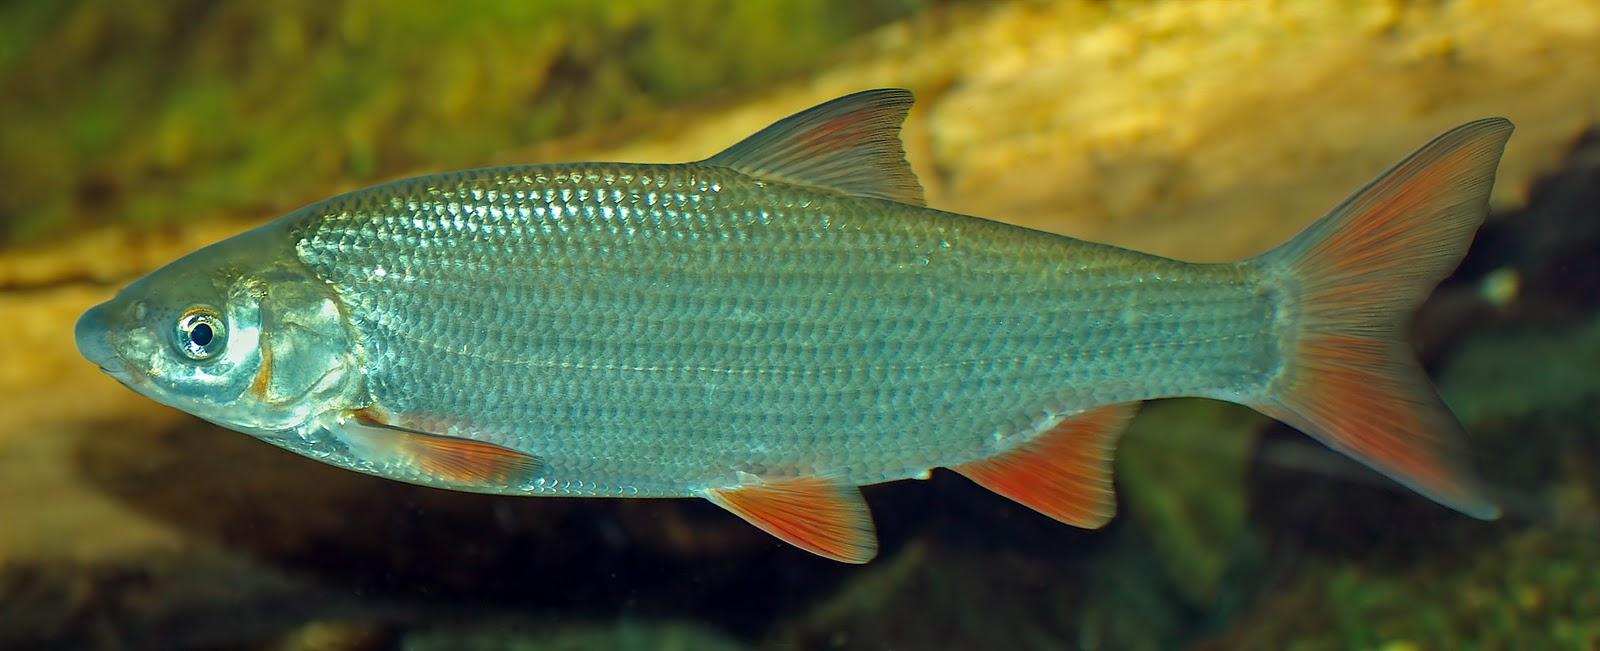 Ribolov tehnike mamci i pribor ribolov skobalj podust for Fisch bilder